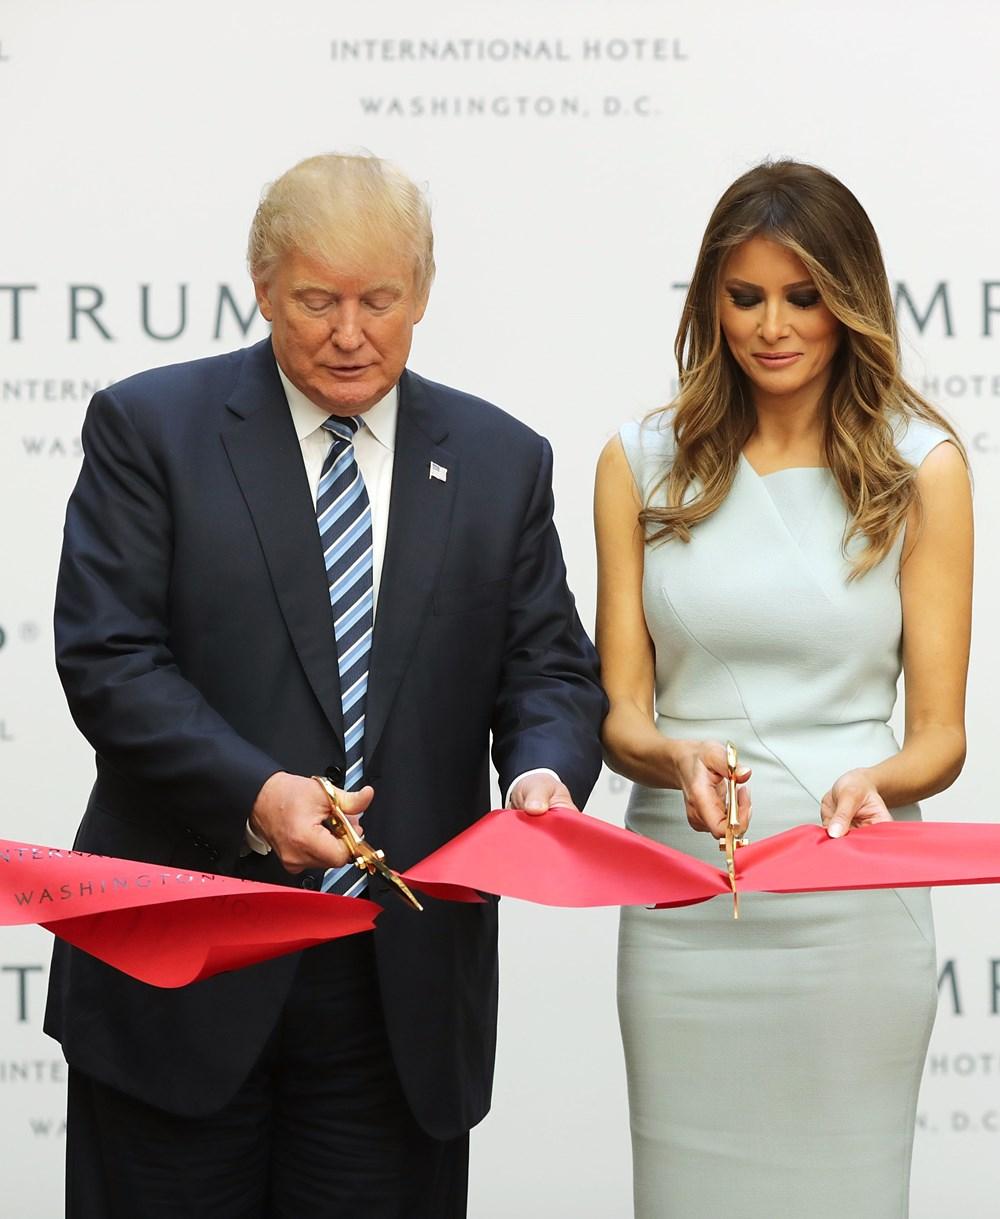 Trump hot melania Melania Trump's